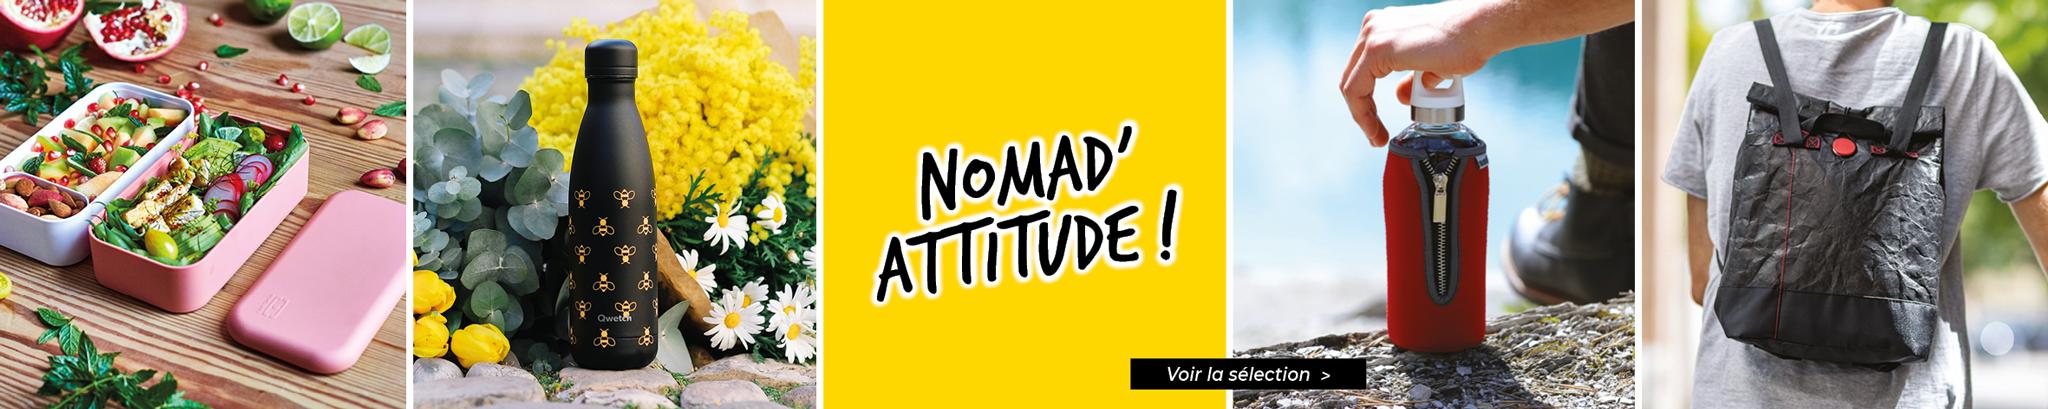 Nomad'Attitude !